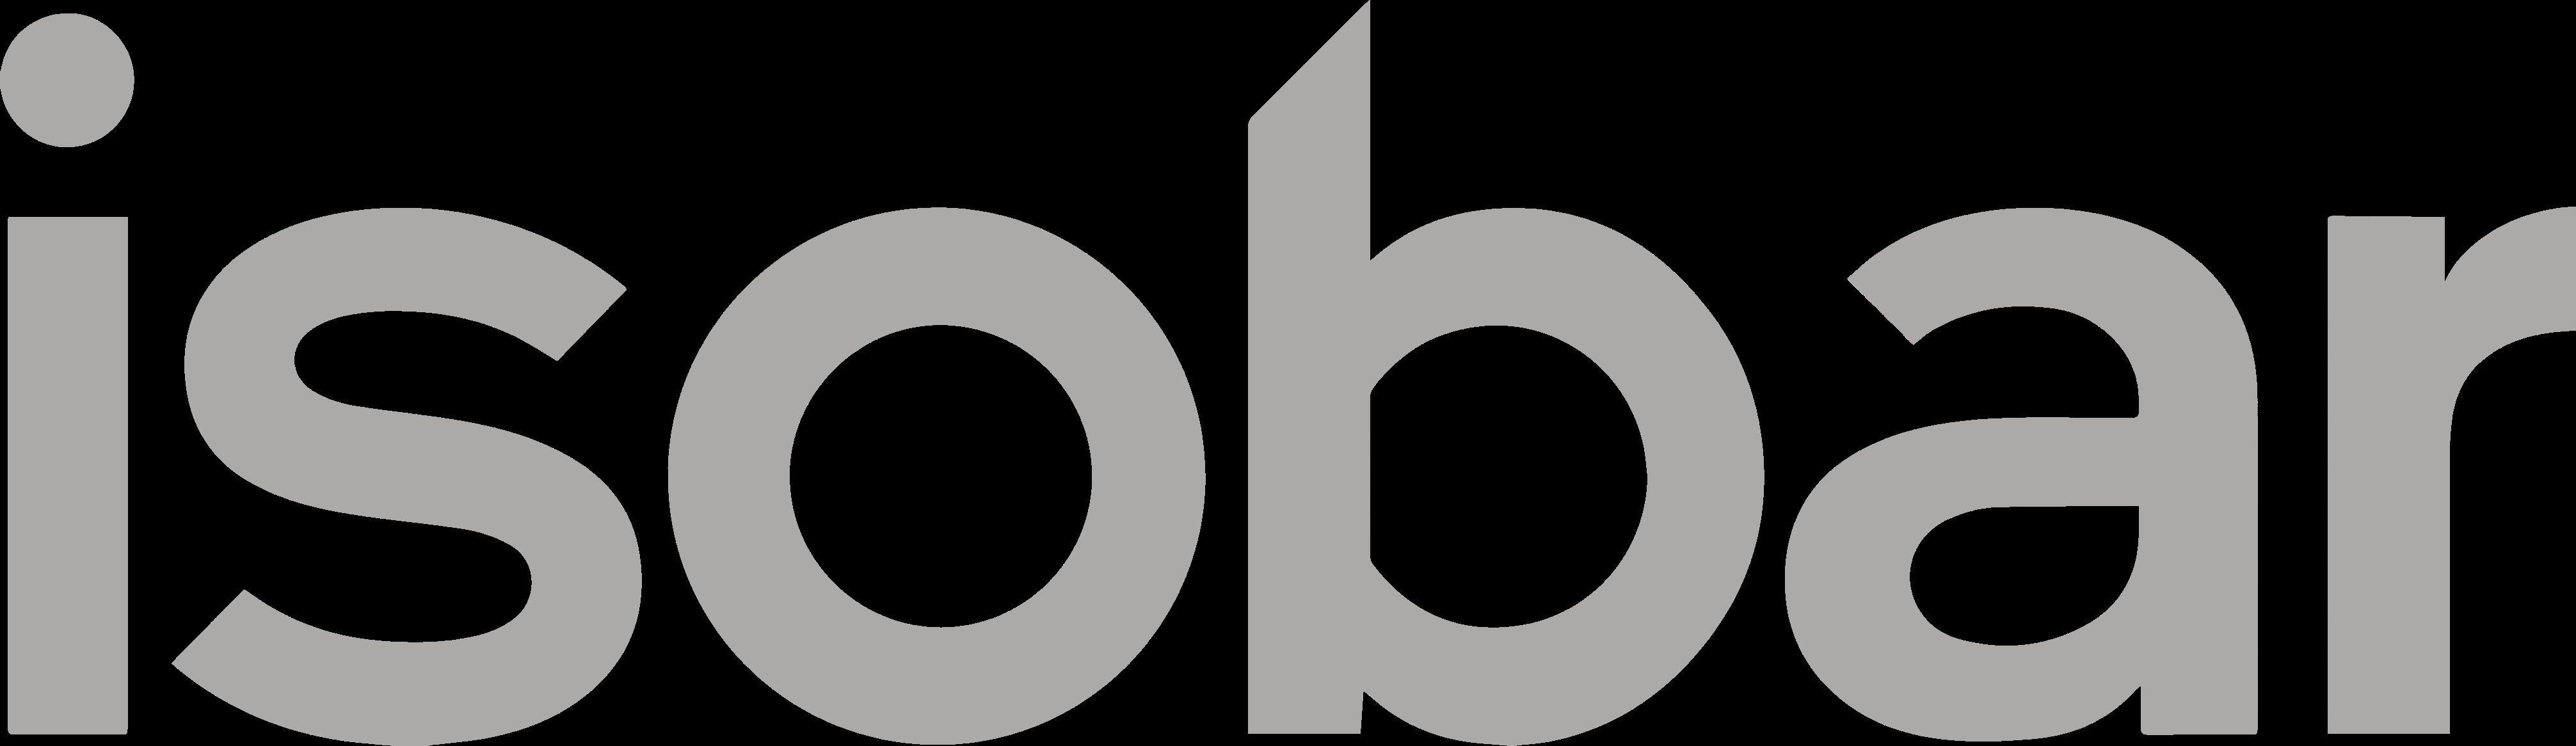 ISOBAR, su mejor aliado en el mundo digital para el crecimiento de su negocio